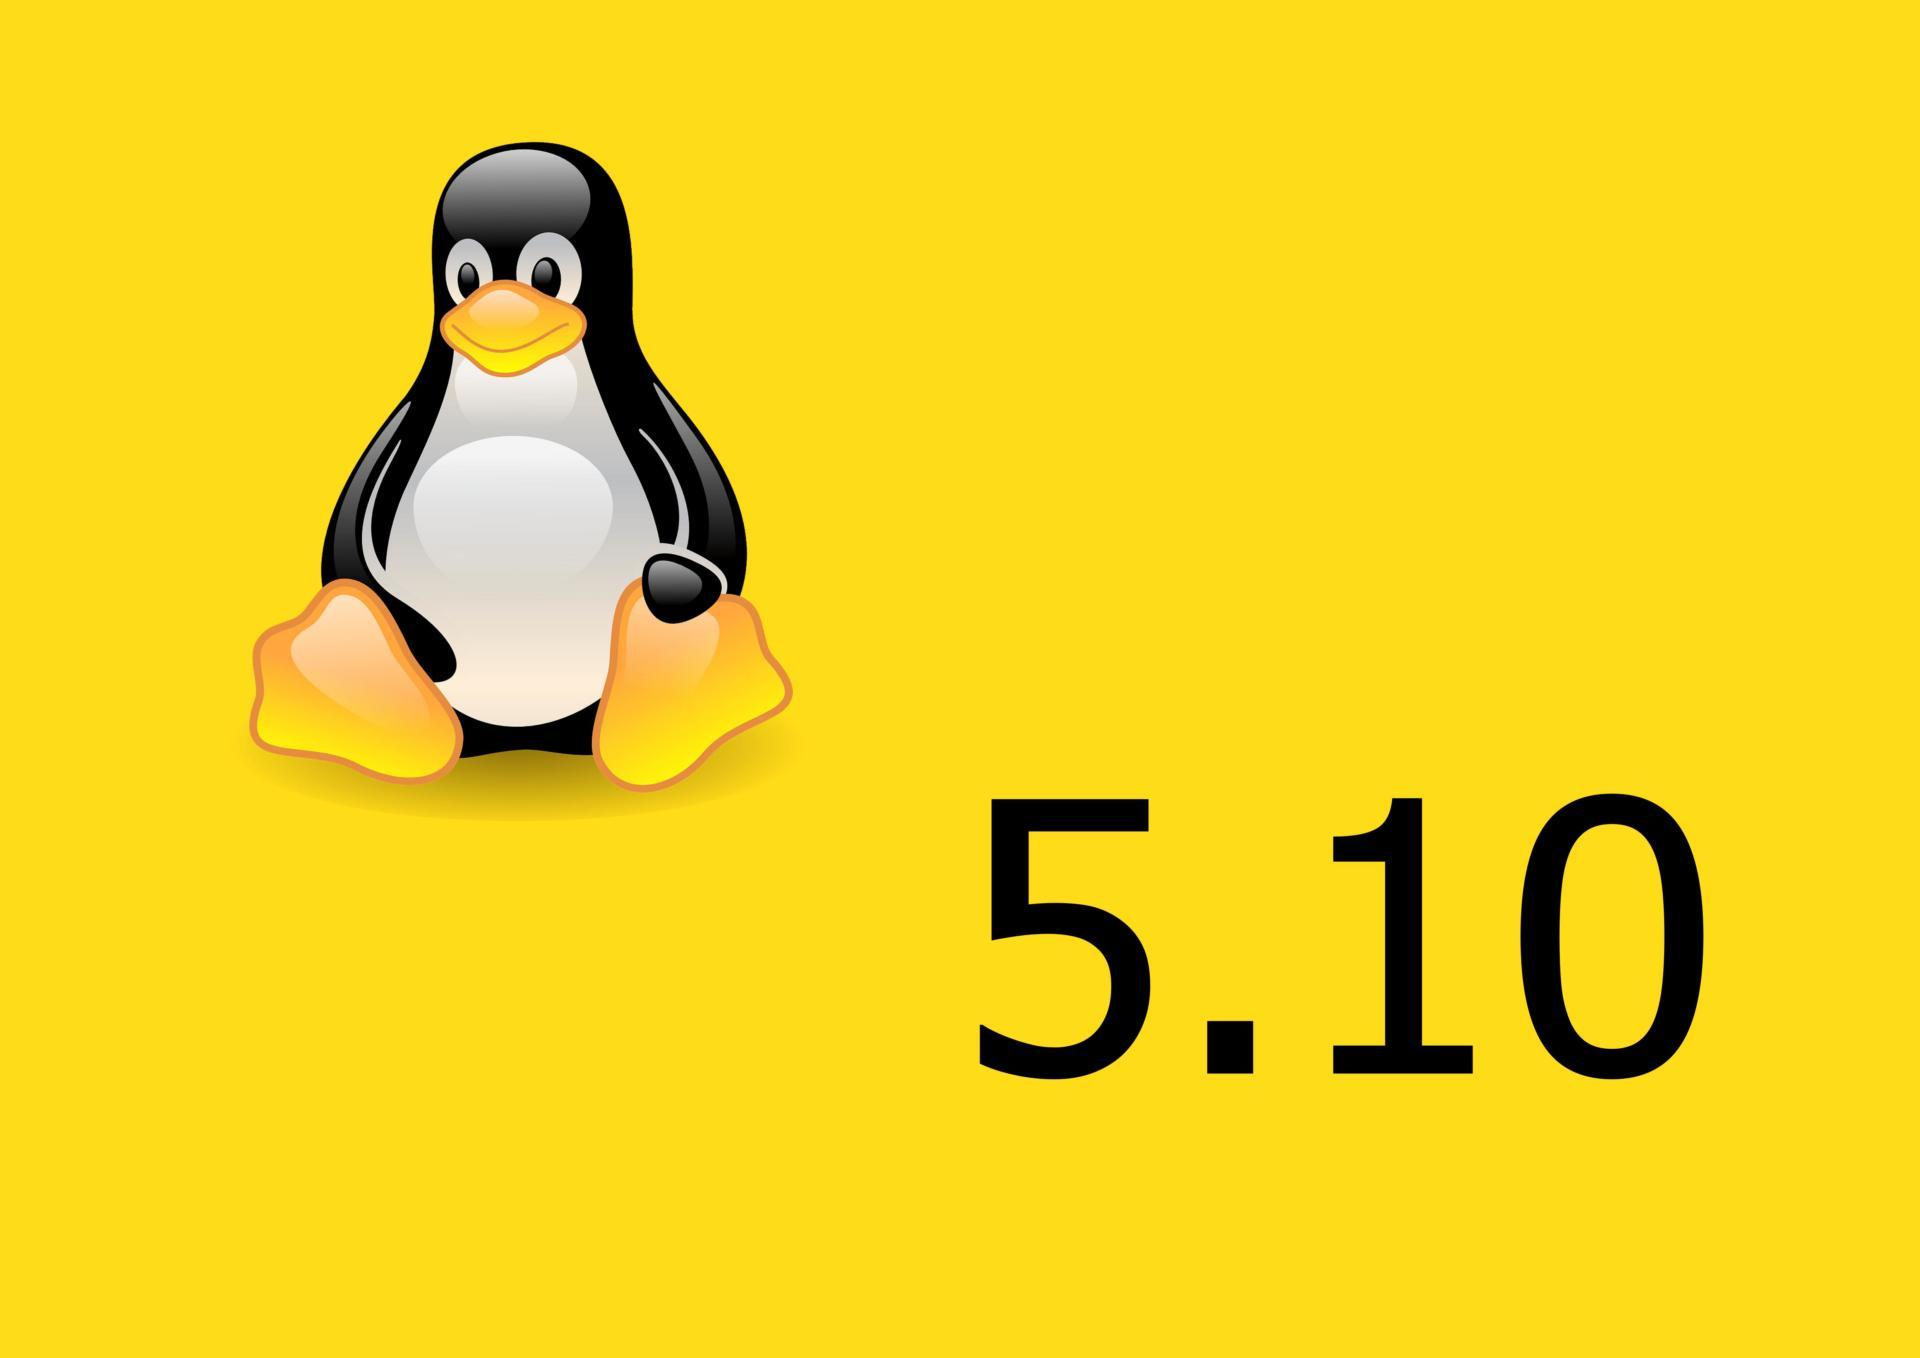 Что нового в новой версии ядра Linux 5.10